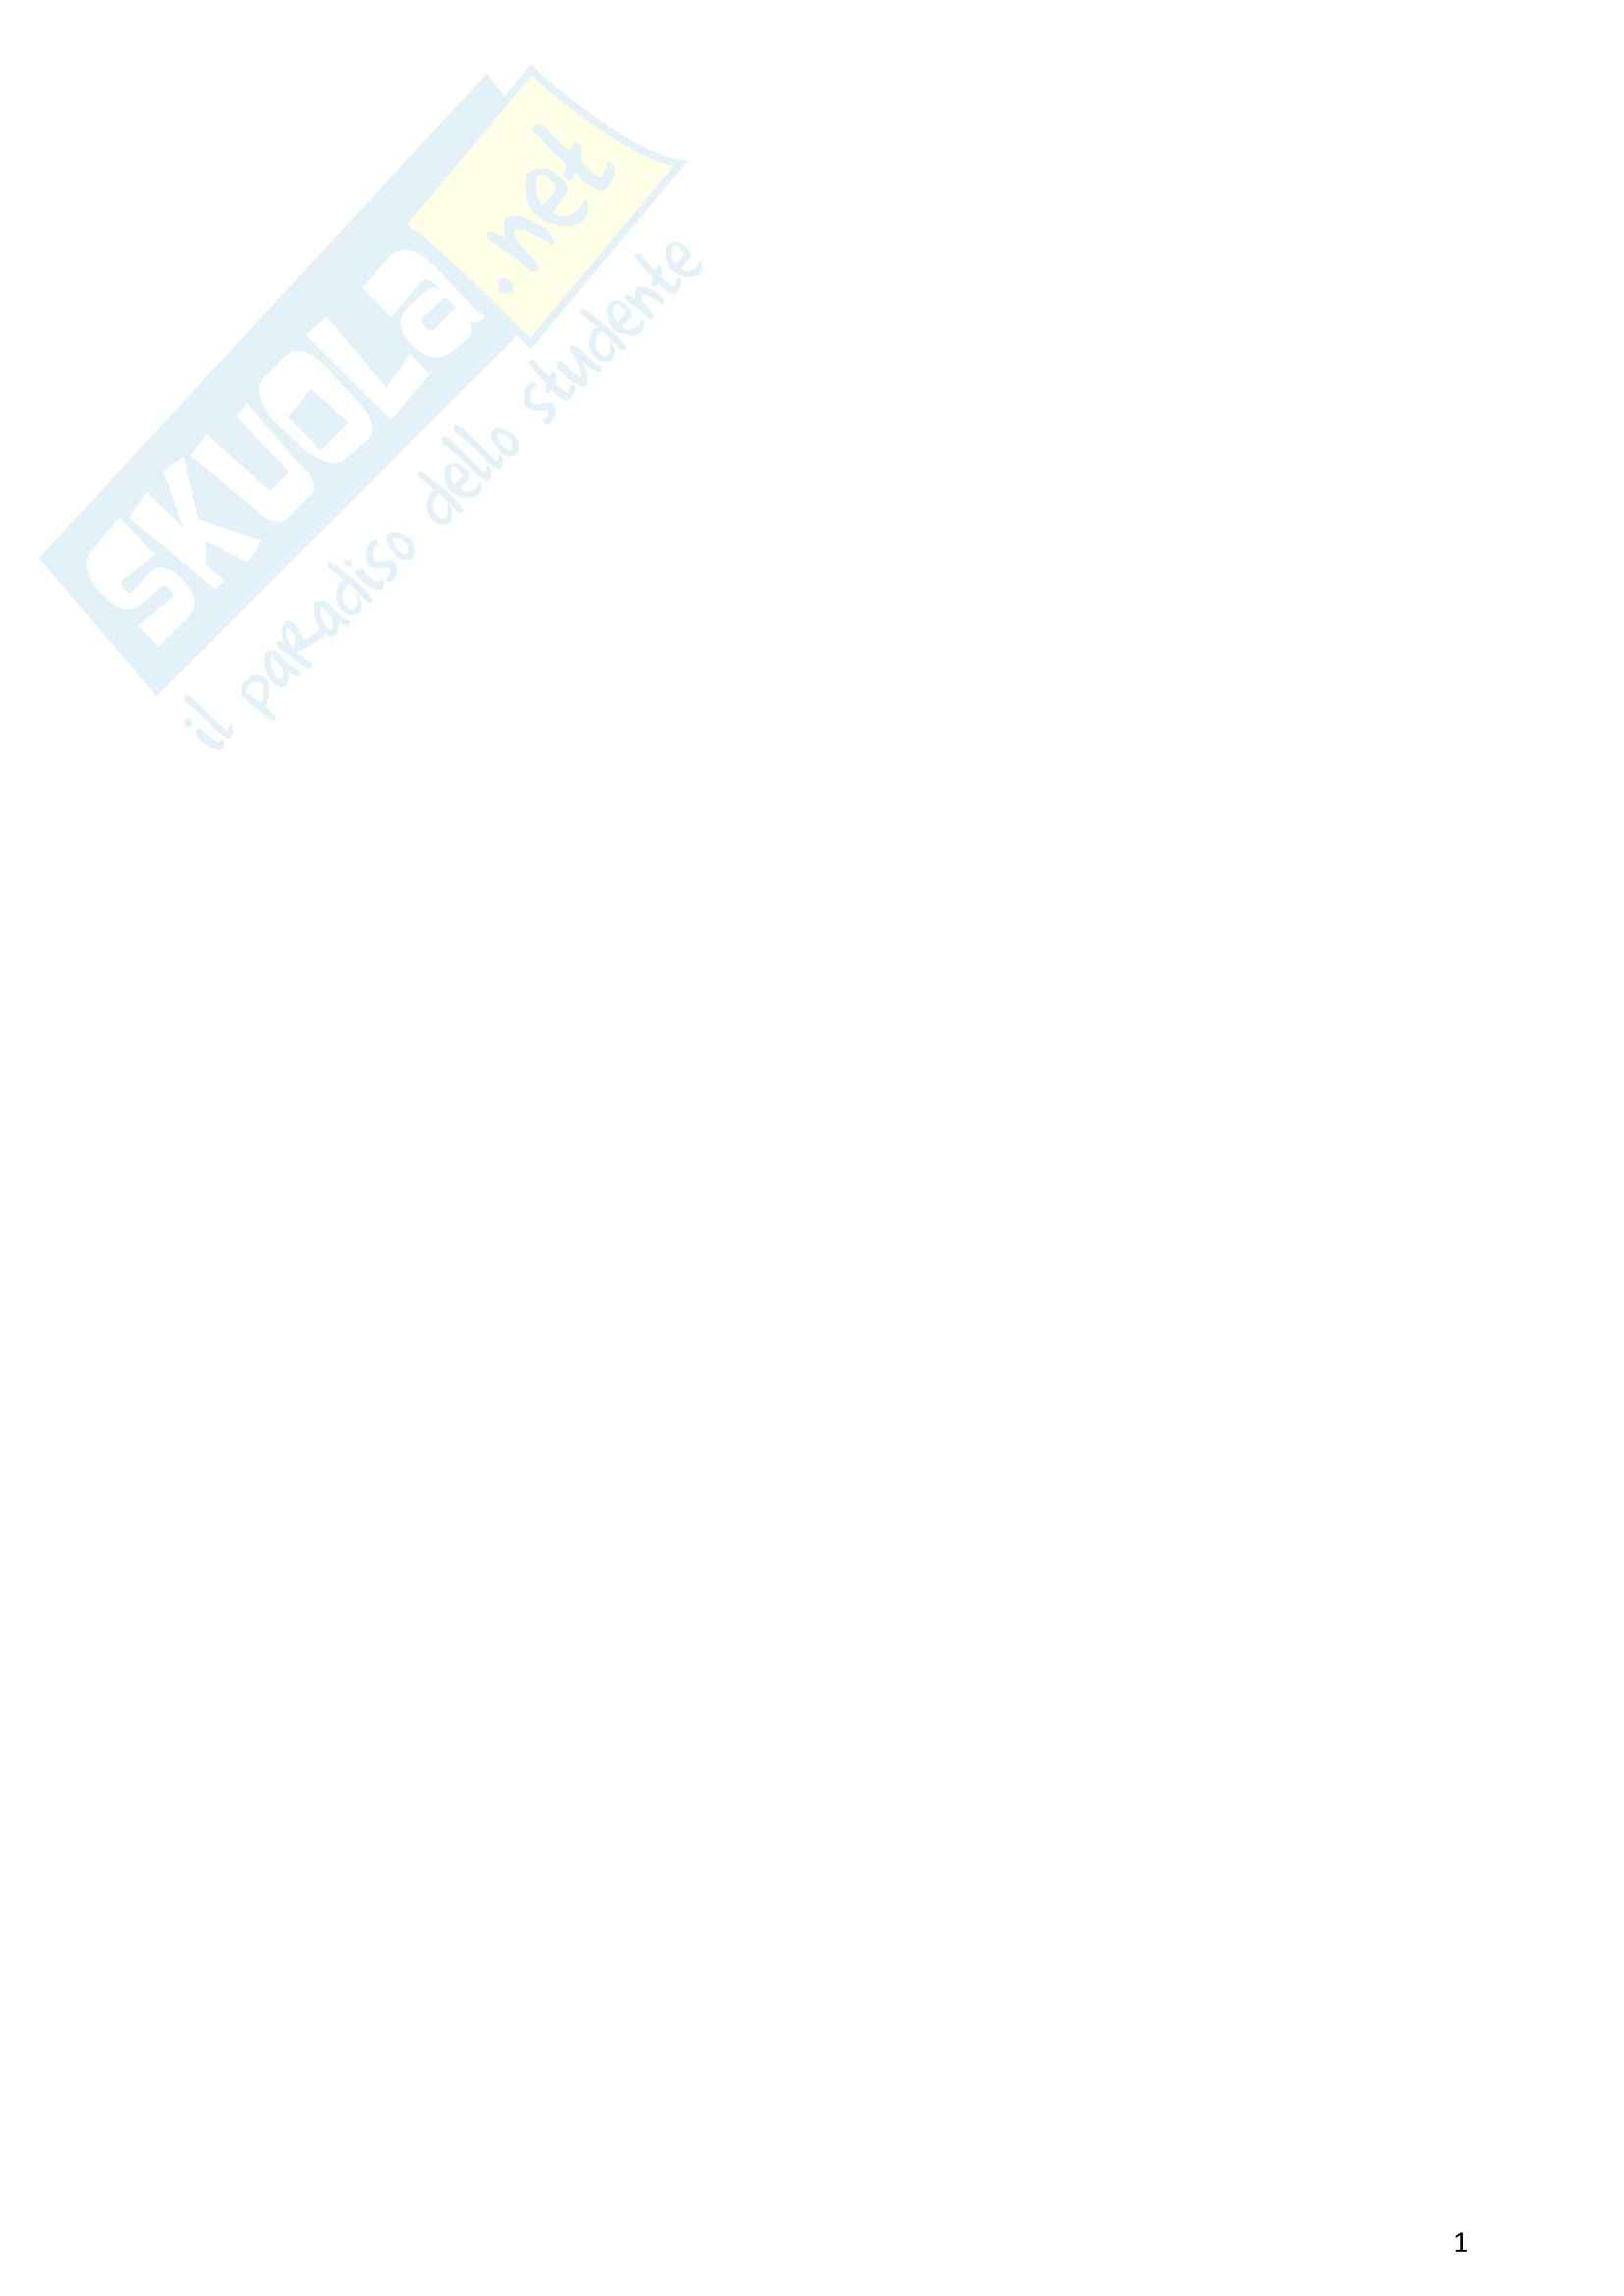 Riassunto esame Storia Moderna, prof. indefinito, libro consigliato Manuale di storia moderna, Ago, Vidotto